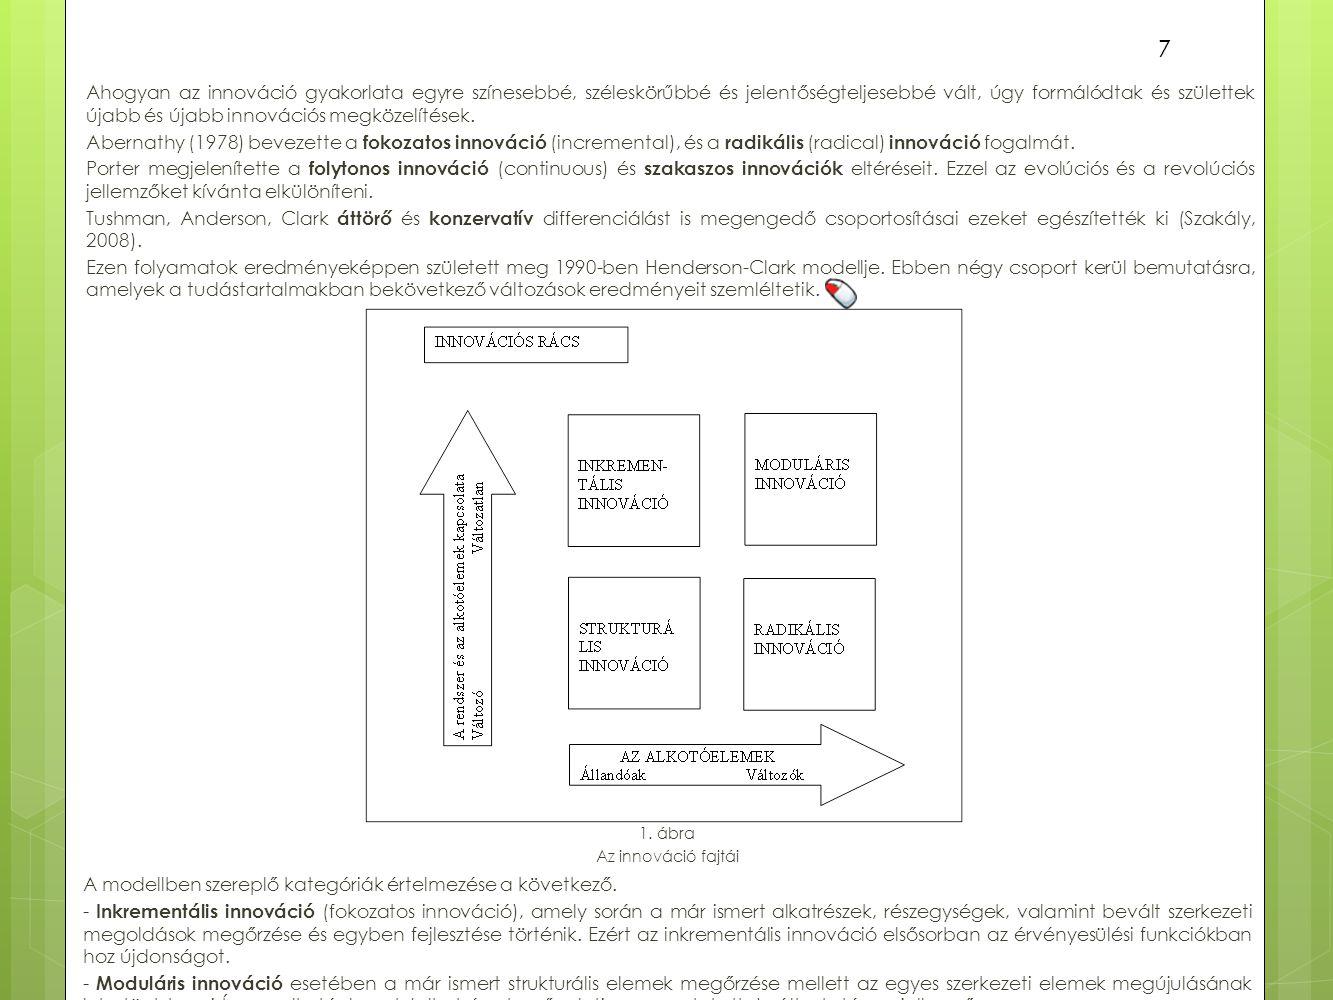 A Nemzeti Innovációs Rendszerről az OECD (1998) forrásokra építve Pakucs és Papanek (2006) egy egyszerűsített ábrát tett közzé.